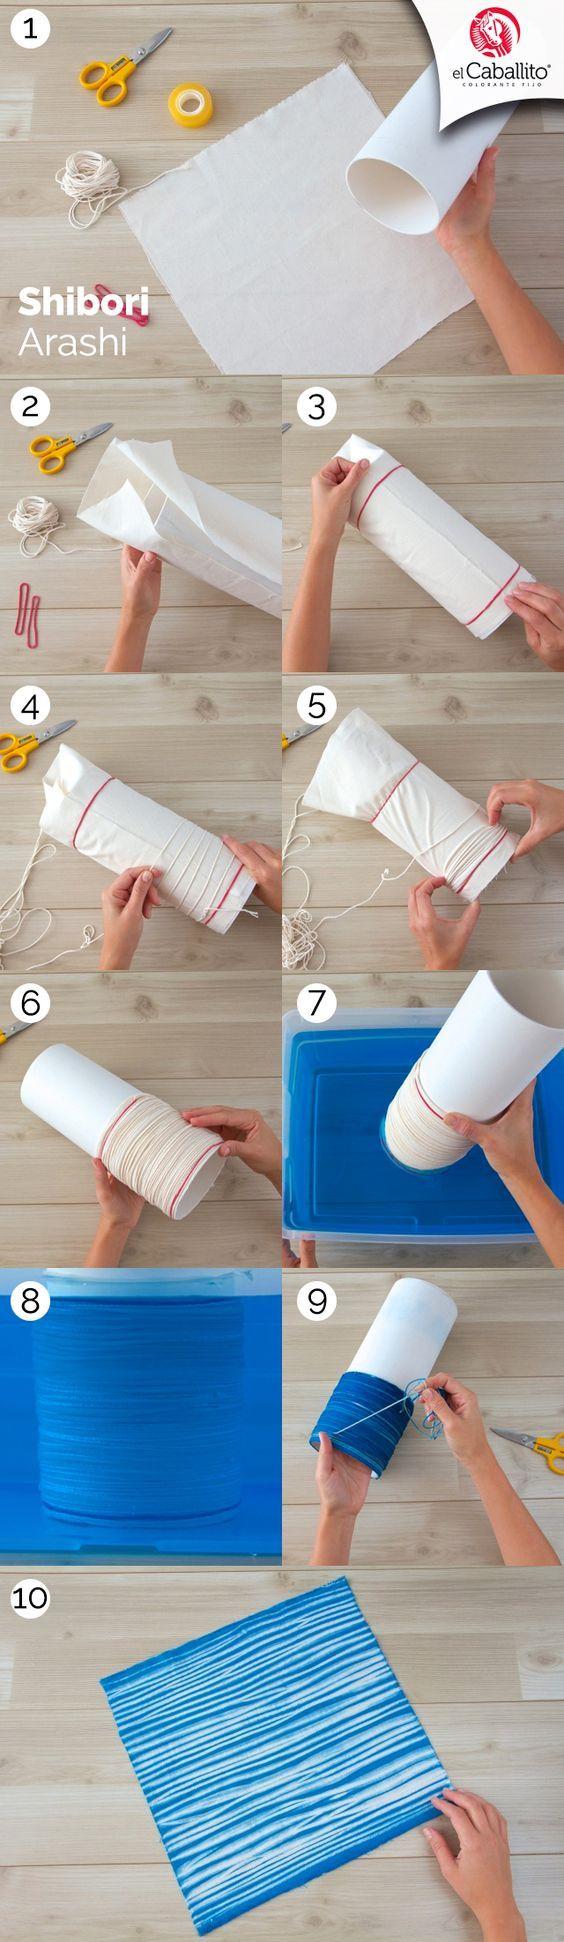 Shibori, una de las muchas técnicas de el Caballito para revivir tus prendas. Solo sigue estos fáciles pasos.: